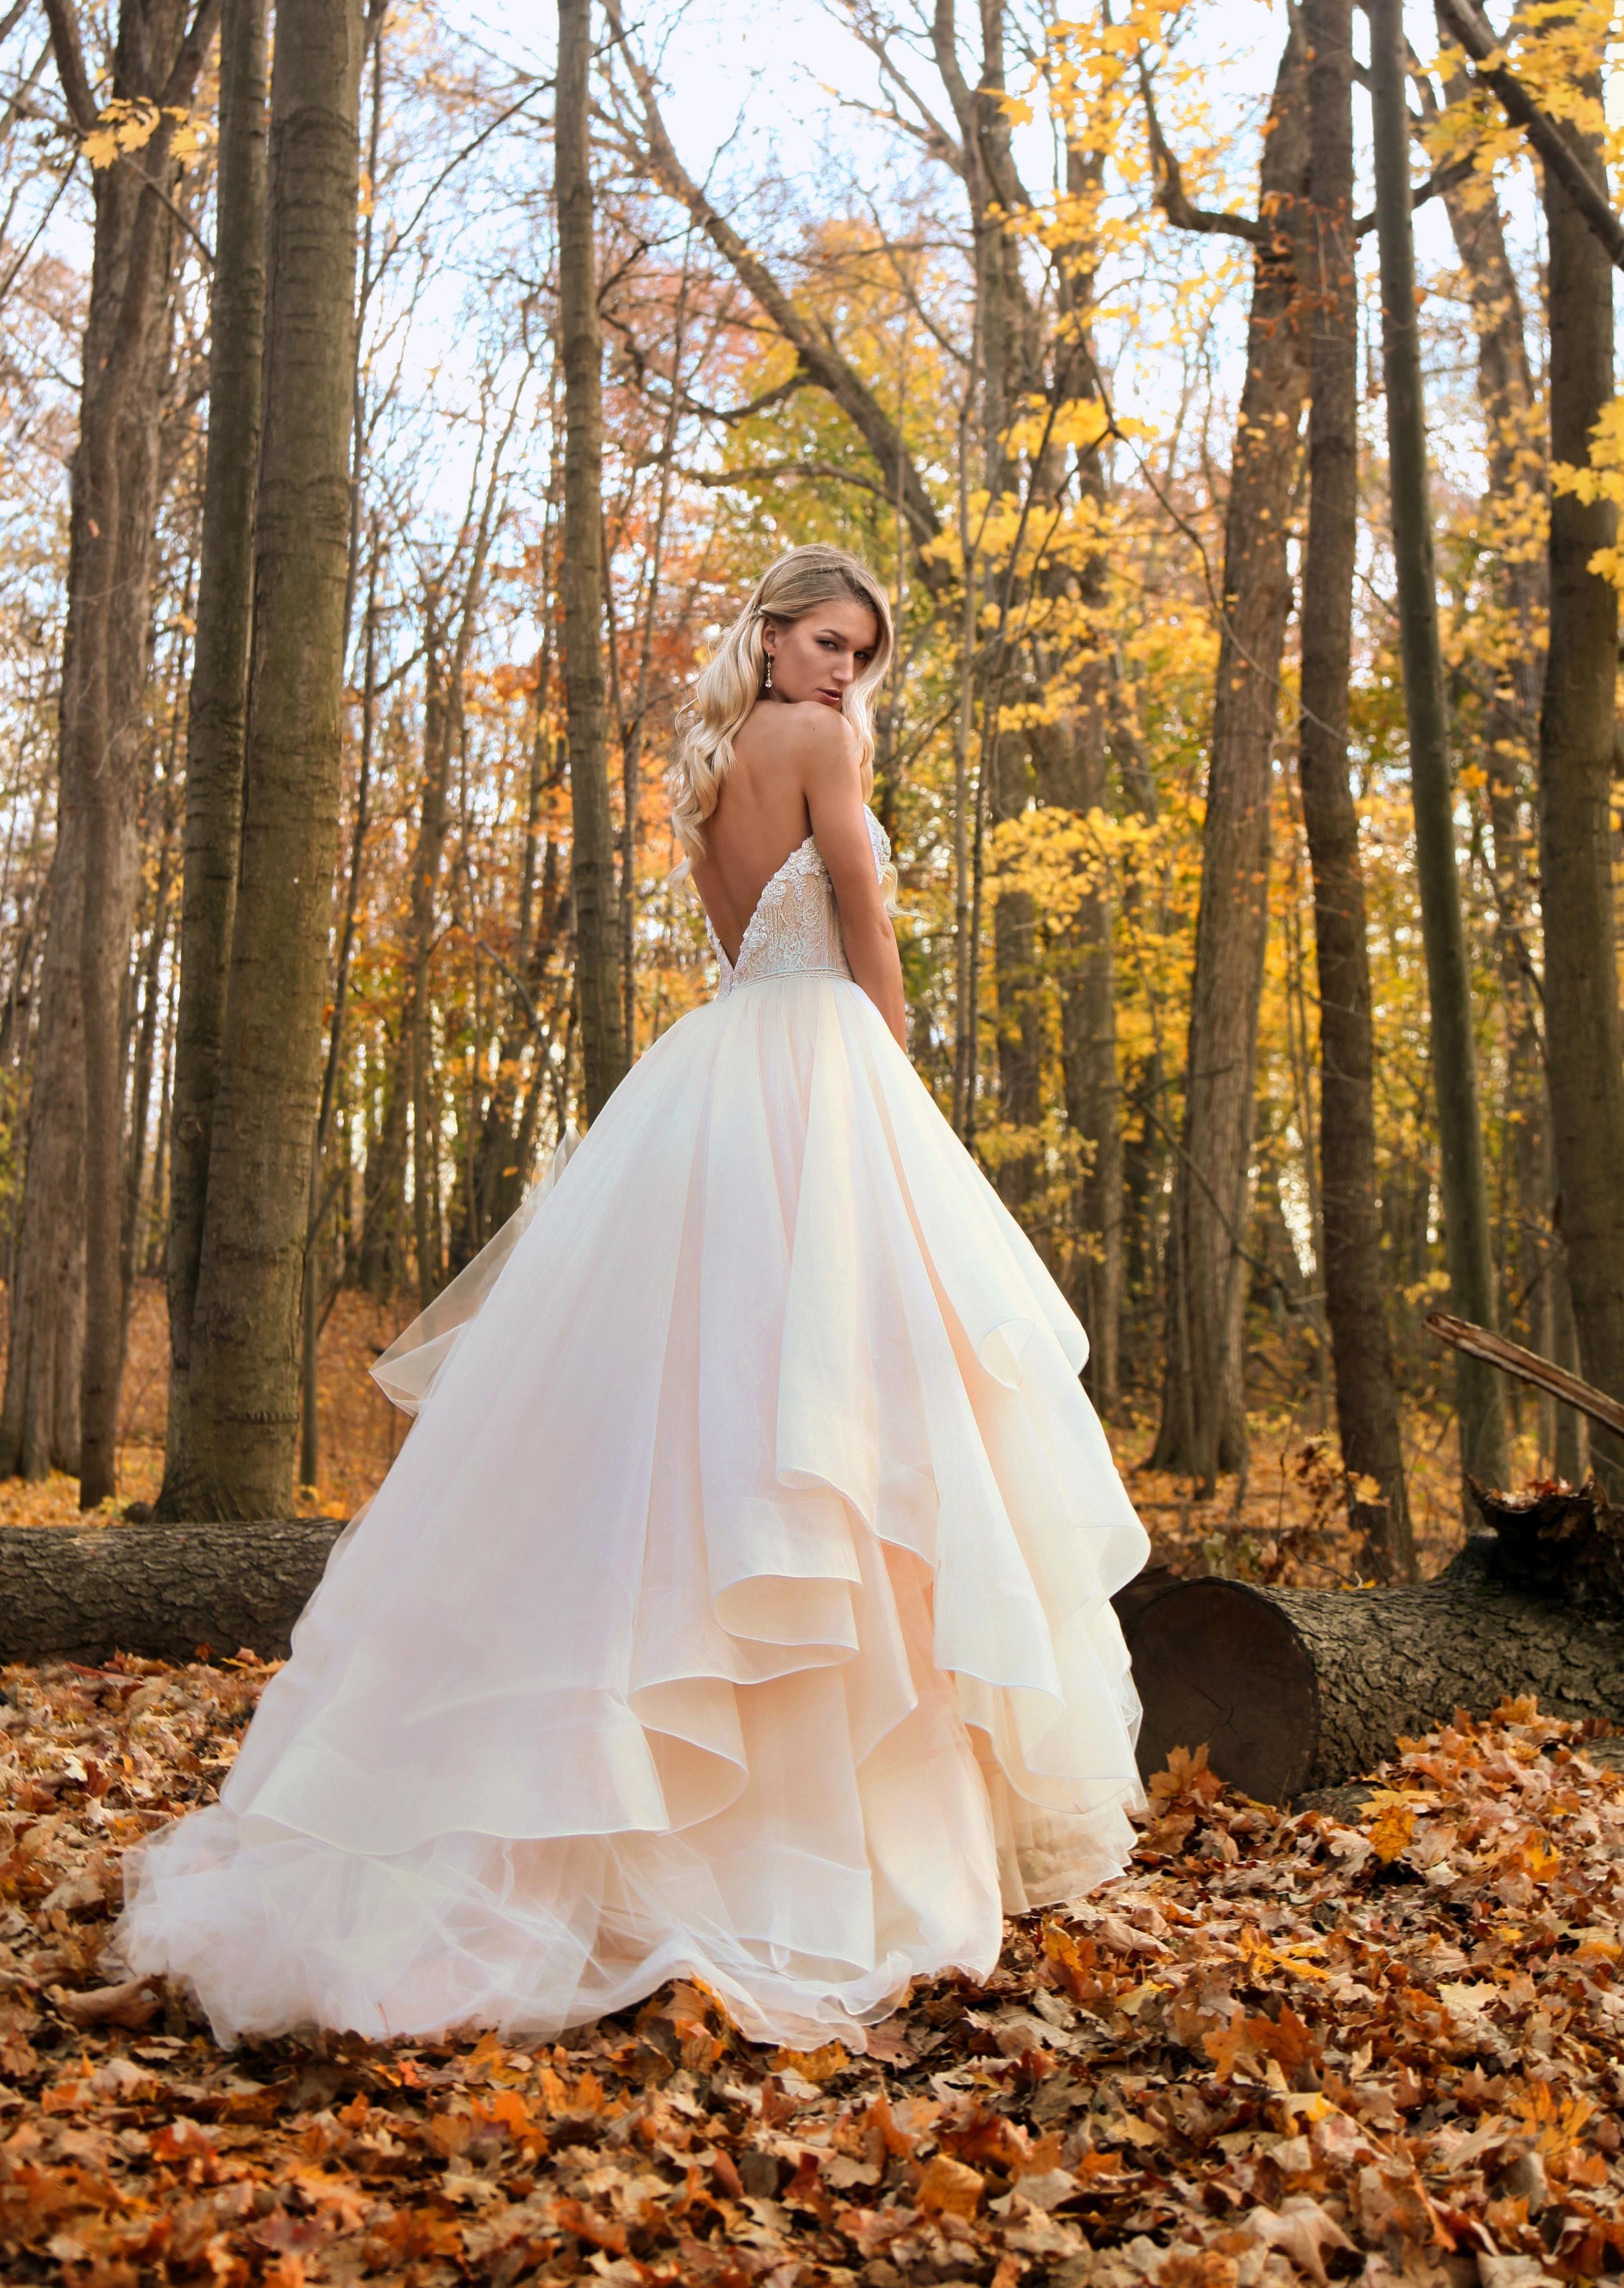 оптом свадебное платье для осени фото автопарке президента